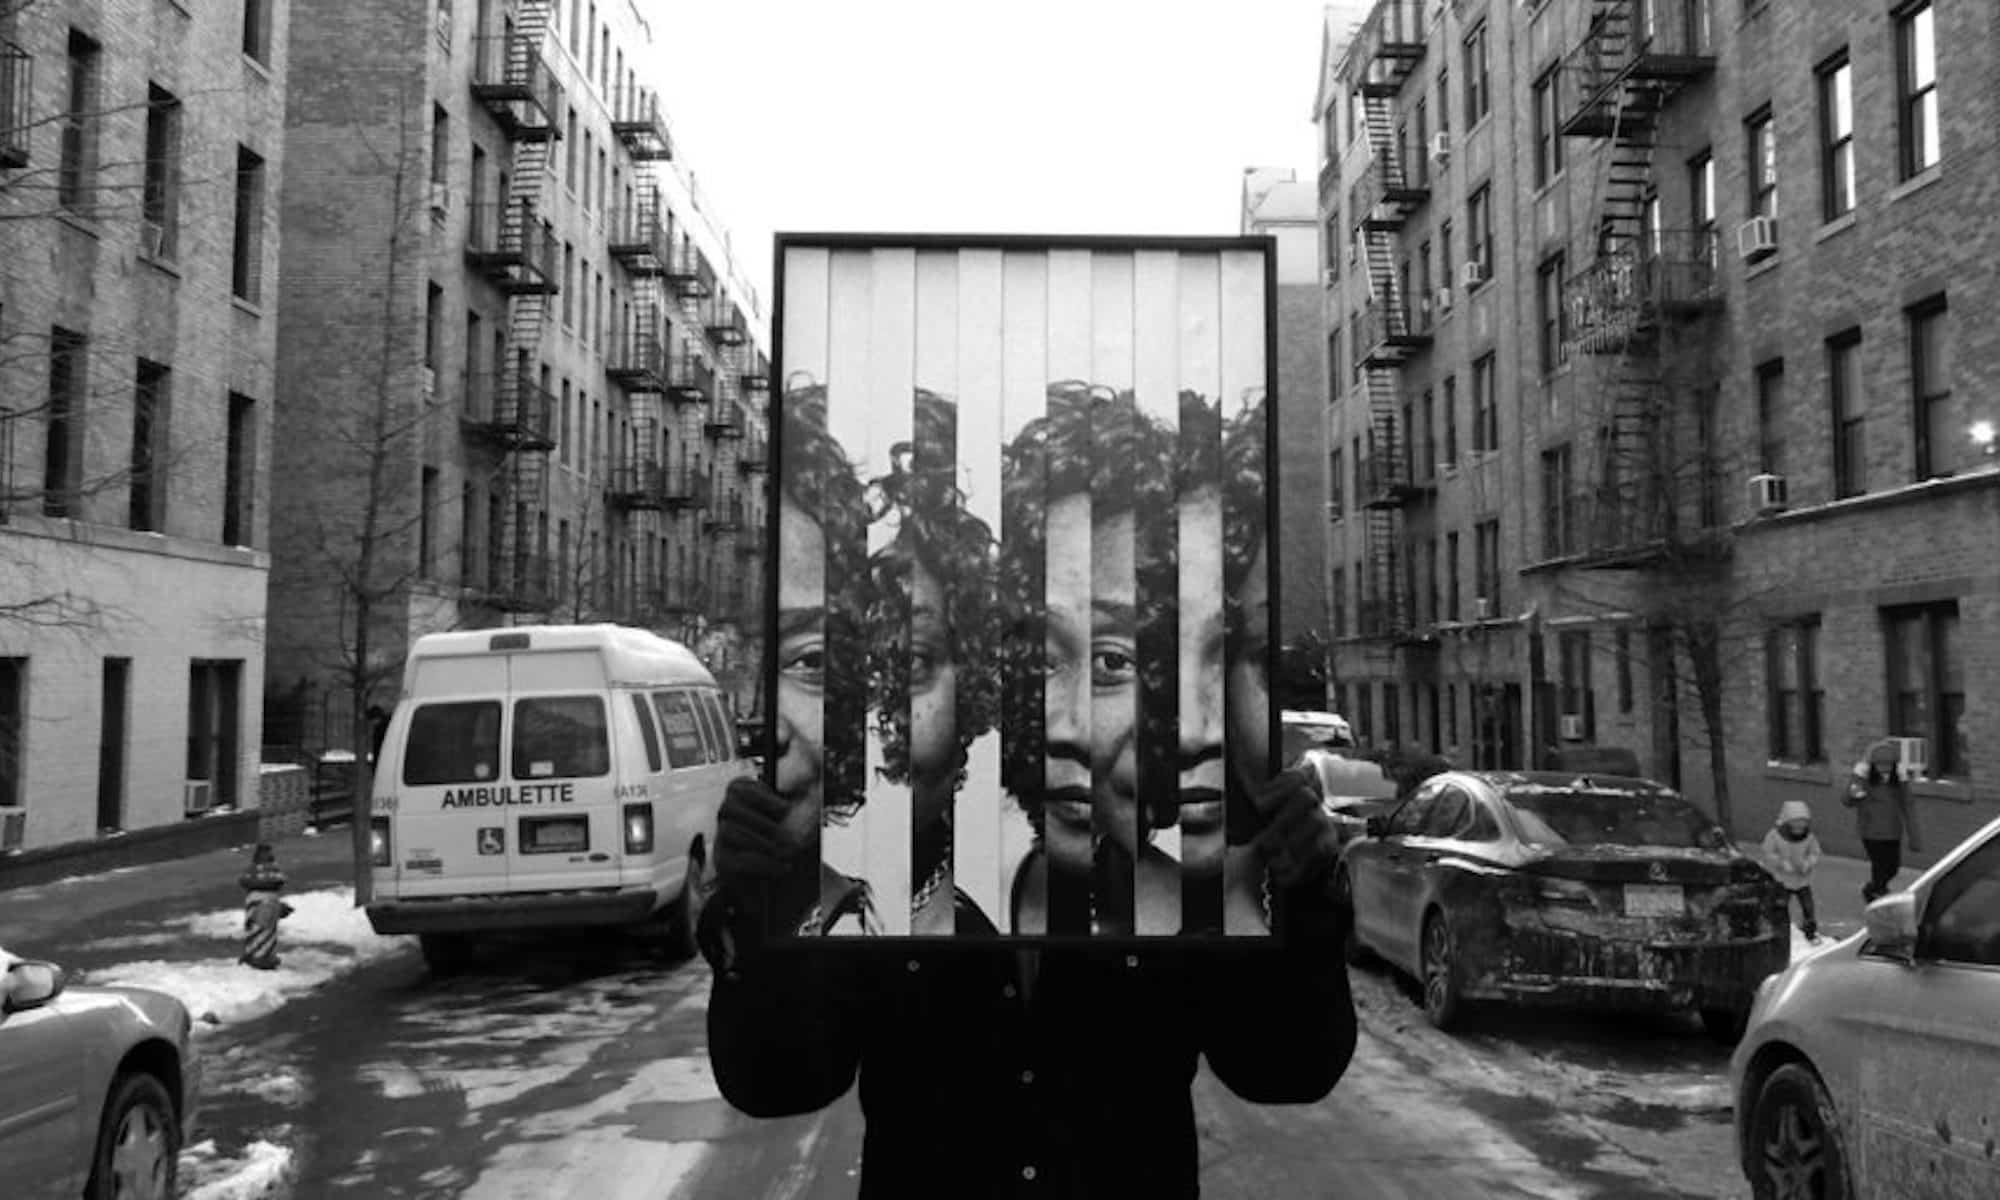 Street Artiste : Quentin DMR